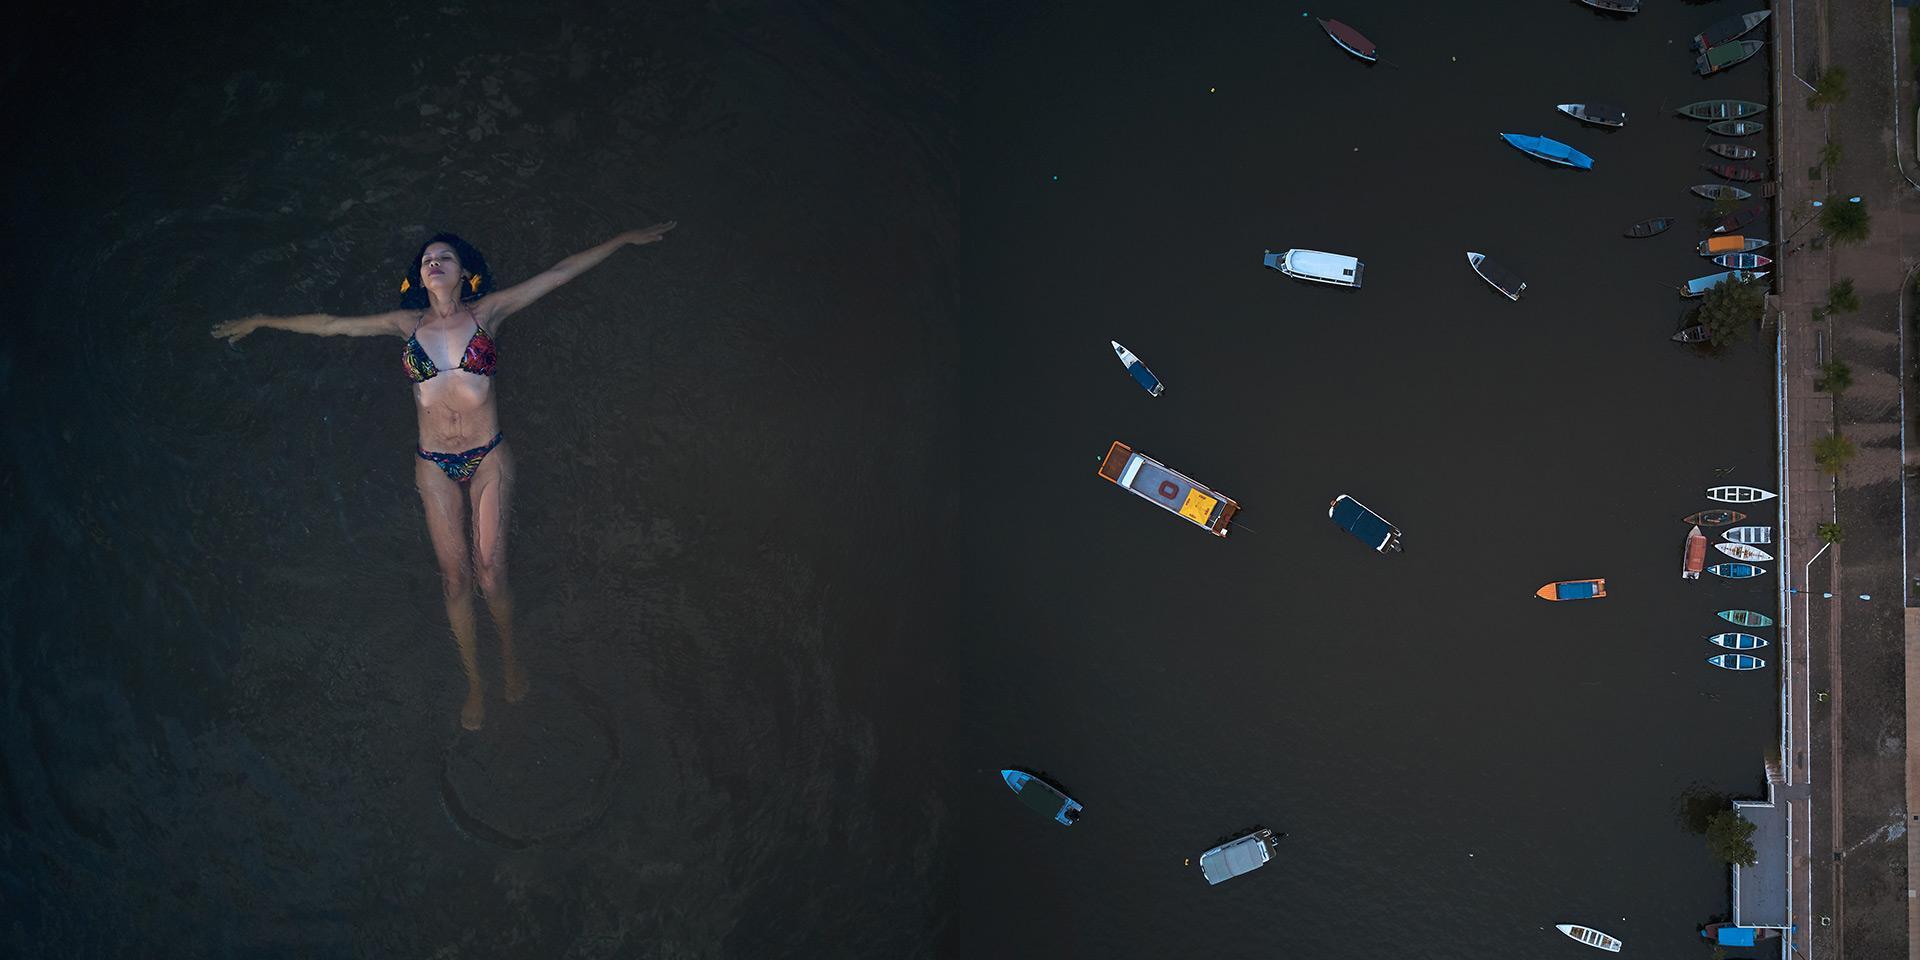 Una persona che nuota accanto al mare sporco di detriti